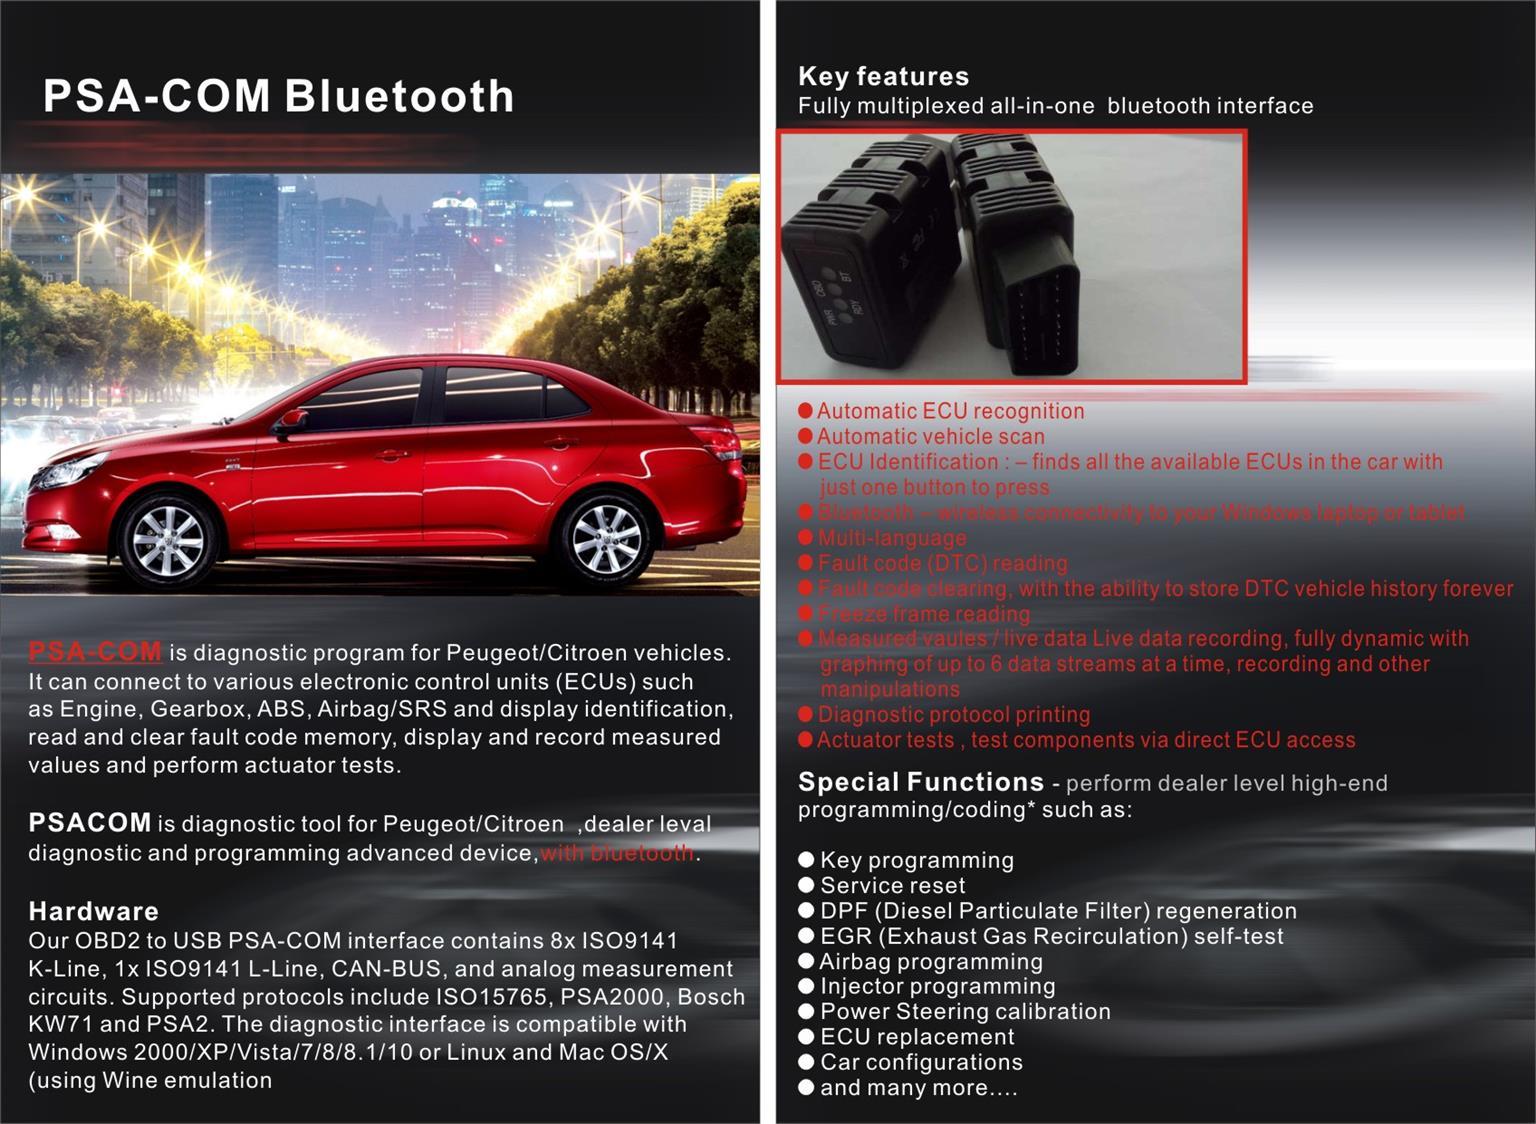 PSA-COM Bluetooth Pro Diagnostic Tool for Peugeot/Citroen